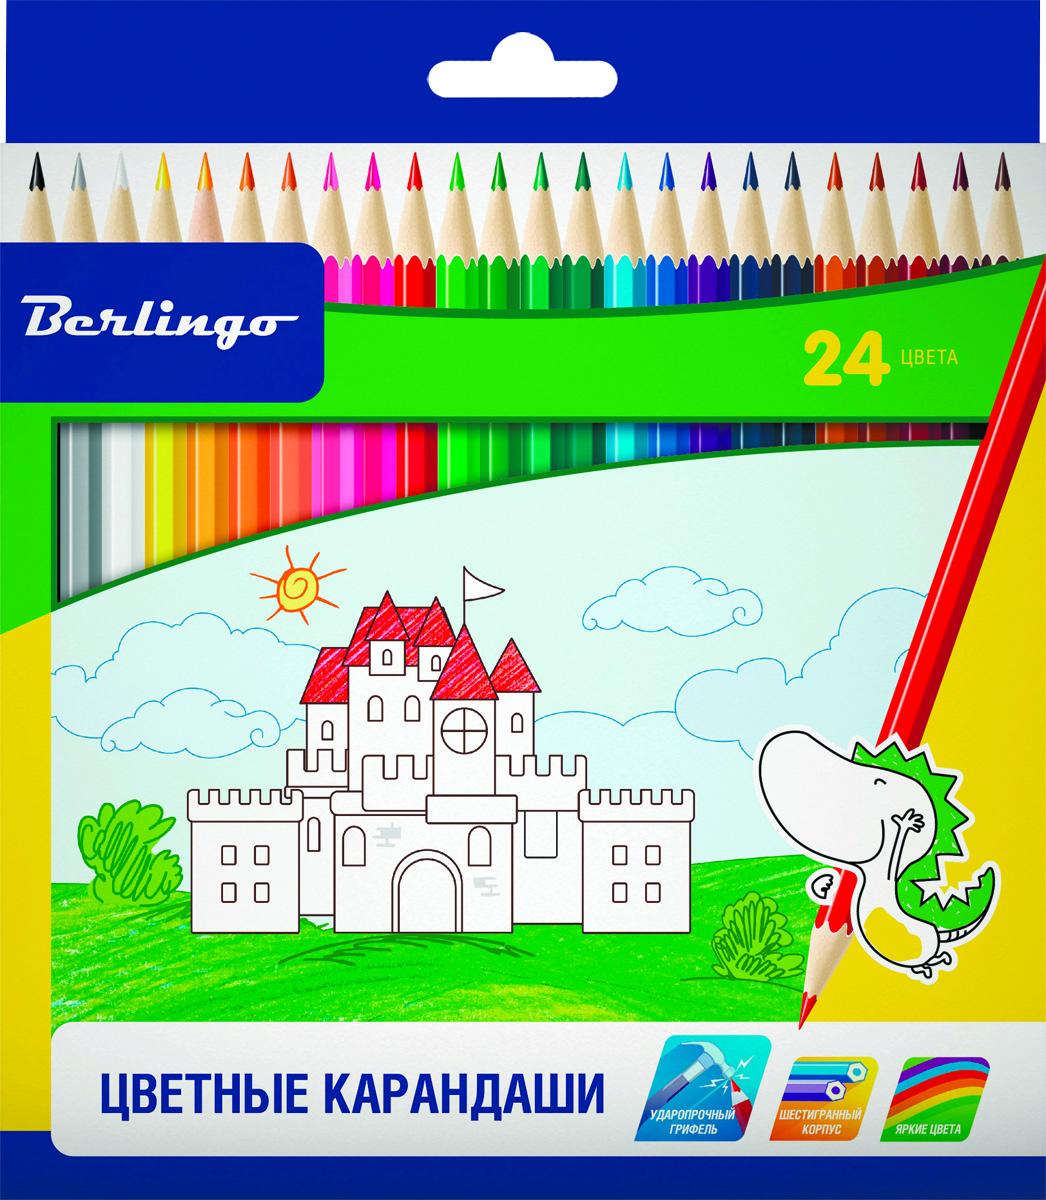 Berlingo Набор цветных карандашей Замки 24 цветаCP00124Набор цветных карандашей Berlingo Замки с заточенным грифелем.Карандаши имеют яркие насыщенные цвета. Штрихи мягко ложатся на бумагу. Карандаши легко затачиваются.